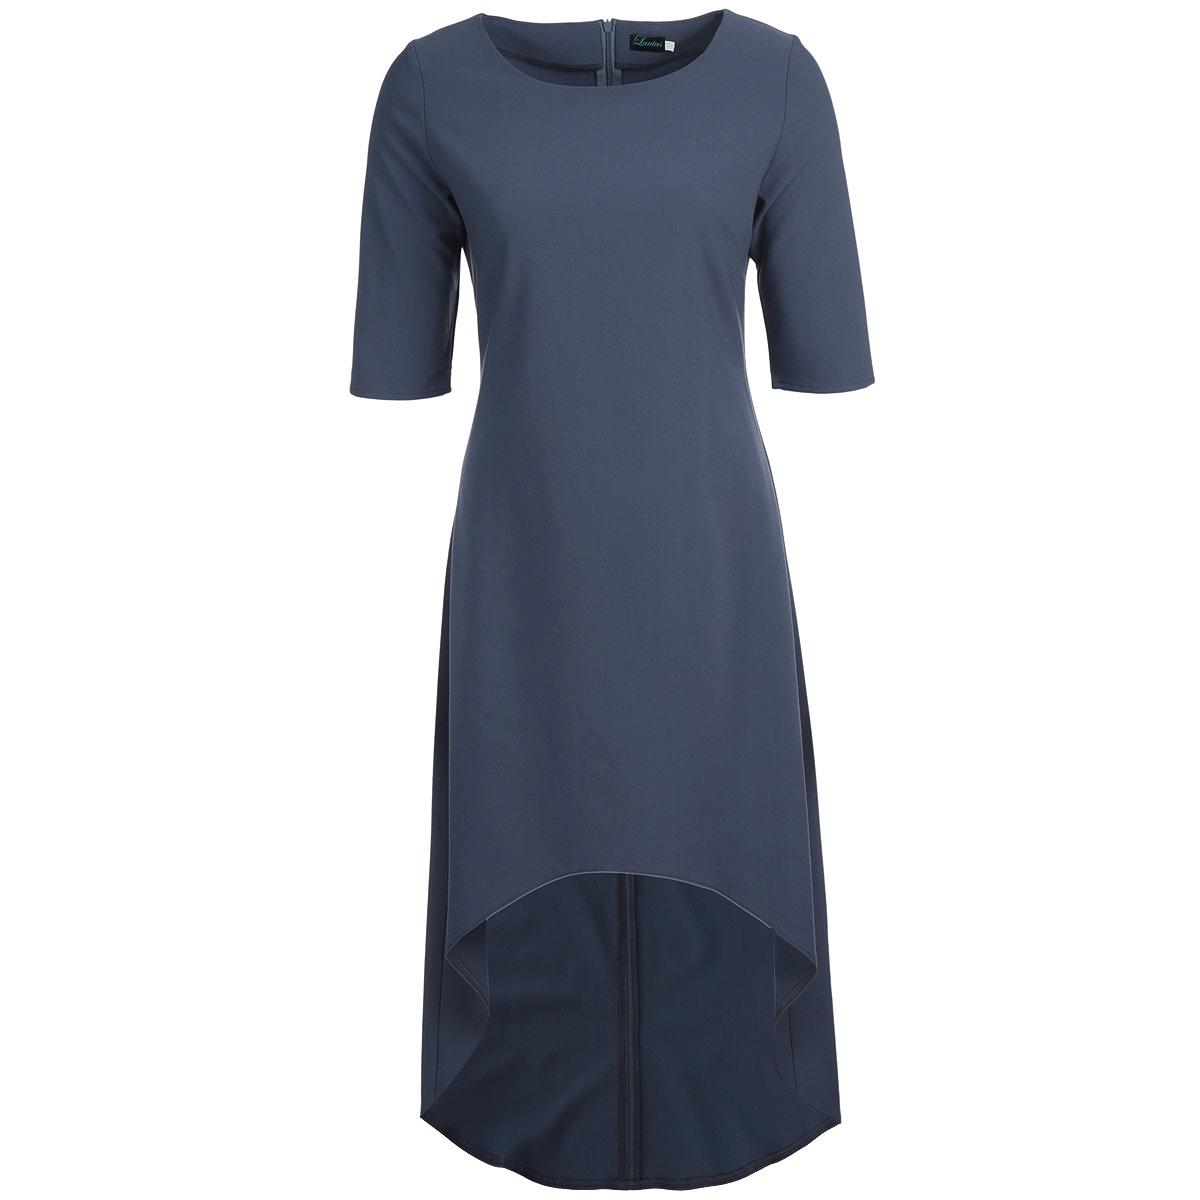 Платье640Элегантное платье Lautus изготовлено из плотного материала лаконичного цвета. Платье макси длины с круглым вырезом горловины и рукавами до локтя имеет асимметричную линию подола. На спинке изделие застегивается на потайную молнию. Необычный дизайн модели позволит вам выглядеть стильно и неординарно. Платье лаконичного цвета позволяет дополнять образ всевозможными аксессуарами - шейными платками или яркой бижутерией. Идеальный вариант для создания эффектного образа.